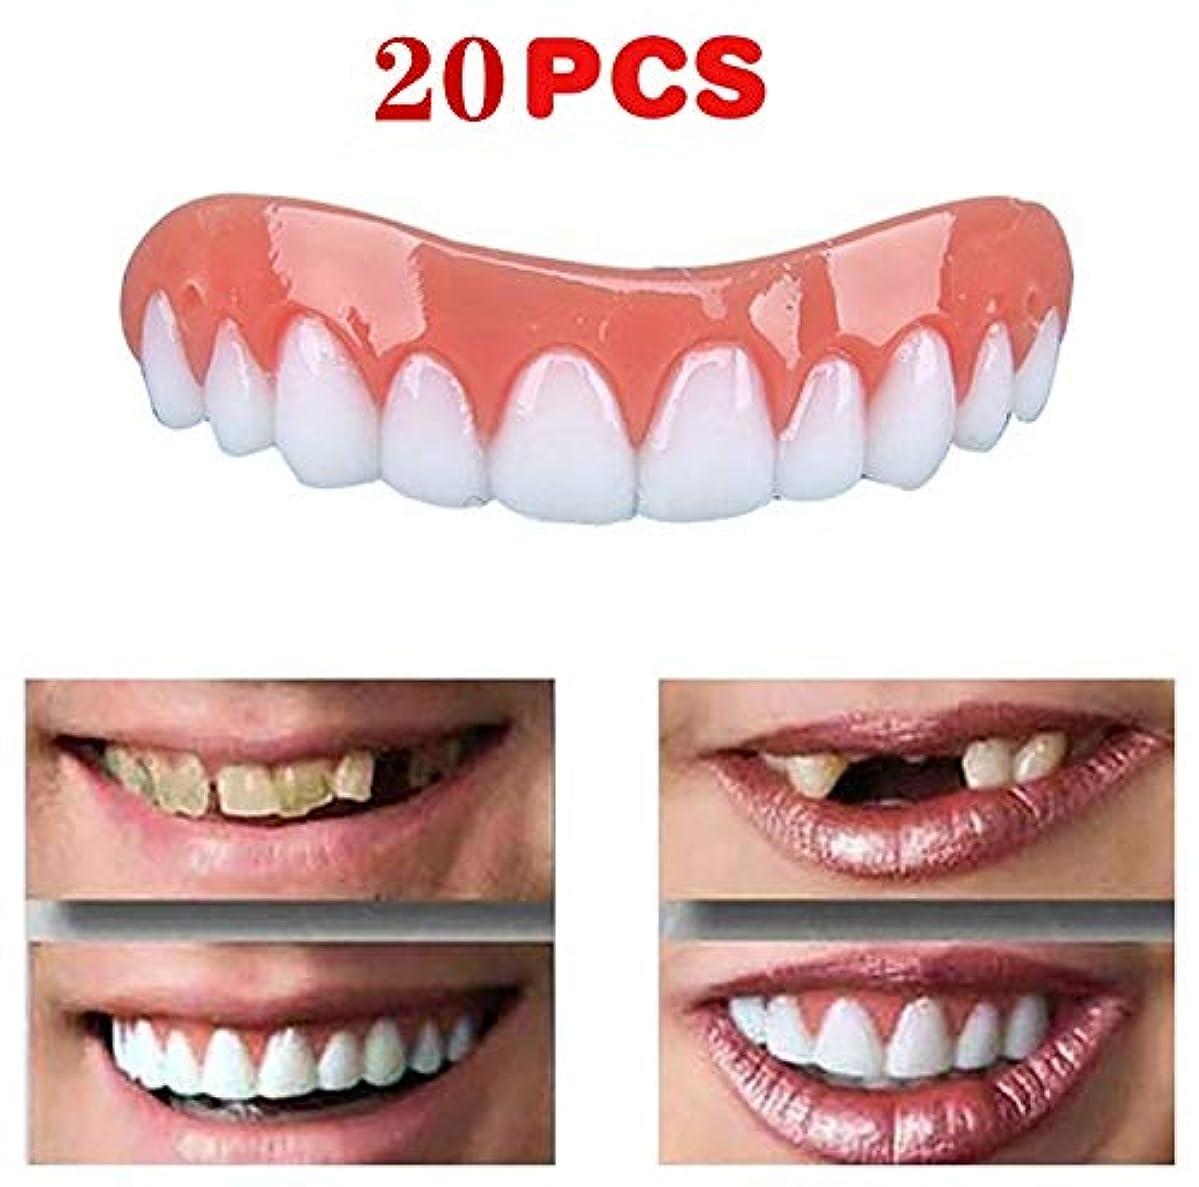 ダイエット数字ましい20ピース新しい再利用可能な大人のスナップオンパーフェクトスマイルホワイトニング義歯フィットフレックス化粧品歯快適な突き板カバーデンタルケアアクセサリー